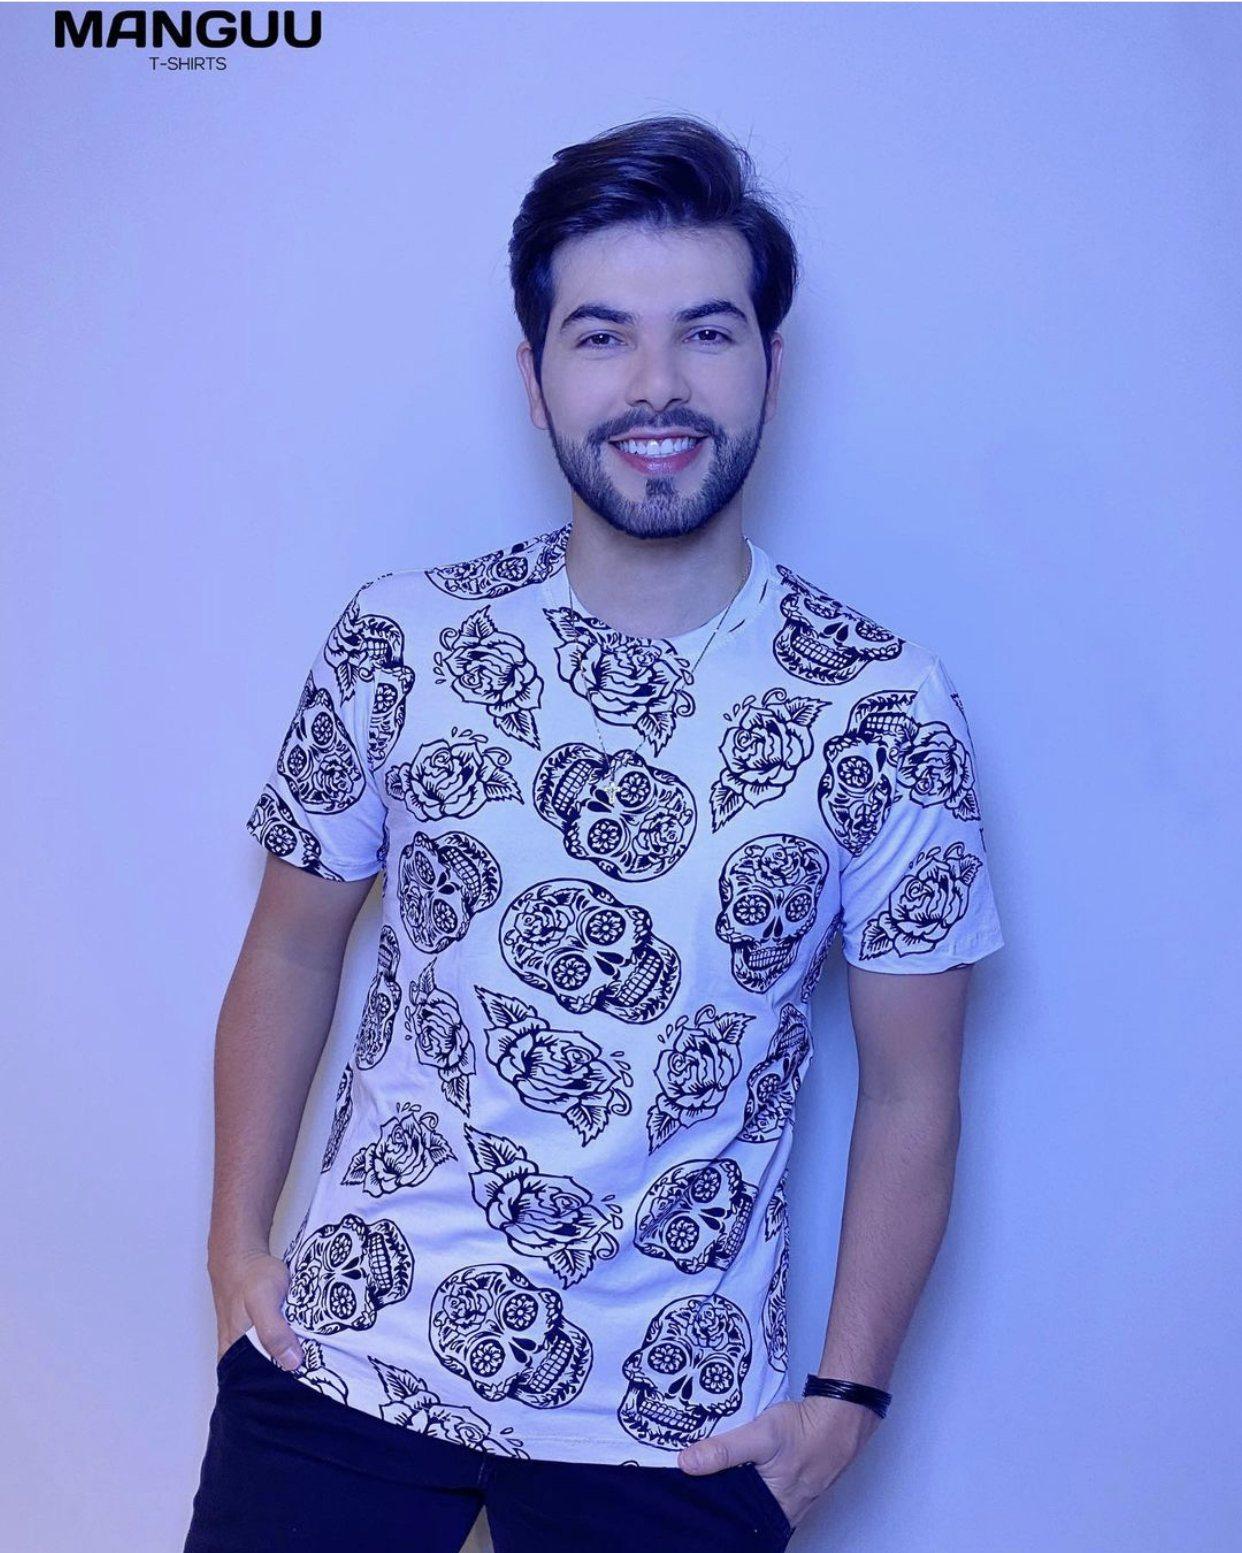 """Camiseta Gola """"O"""" - MANGUU T-SHIRTS"""